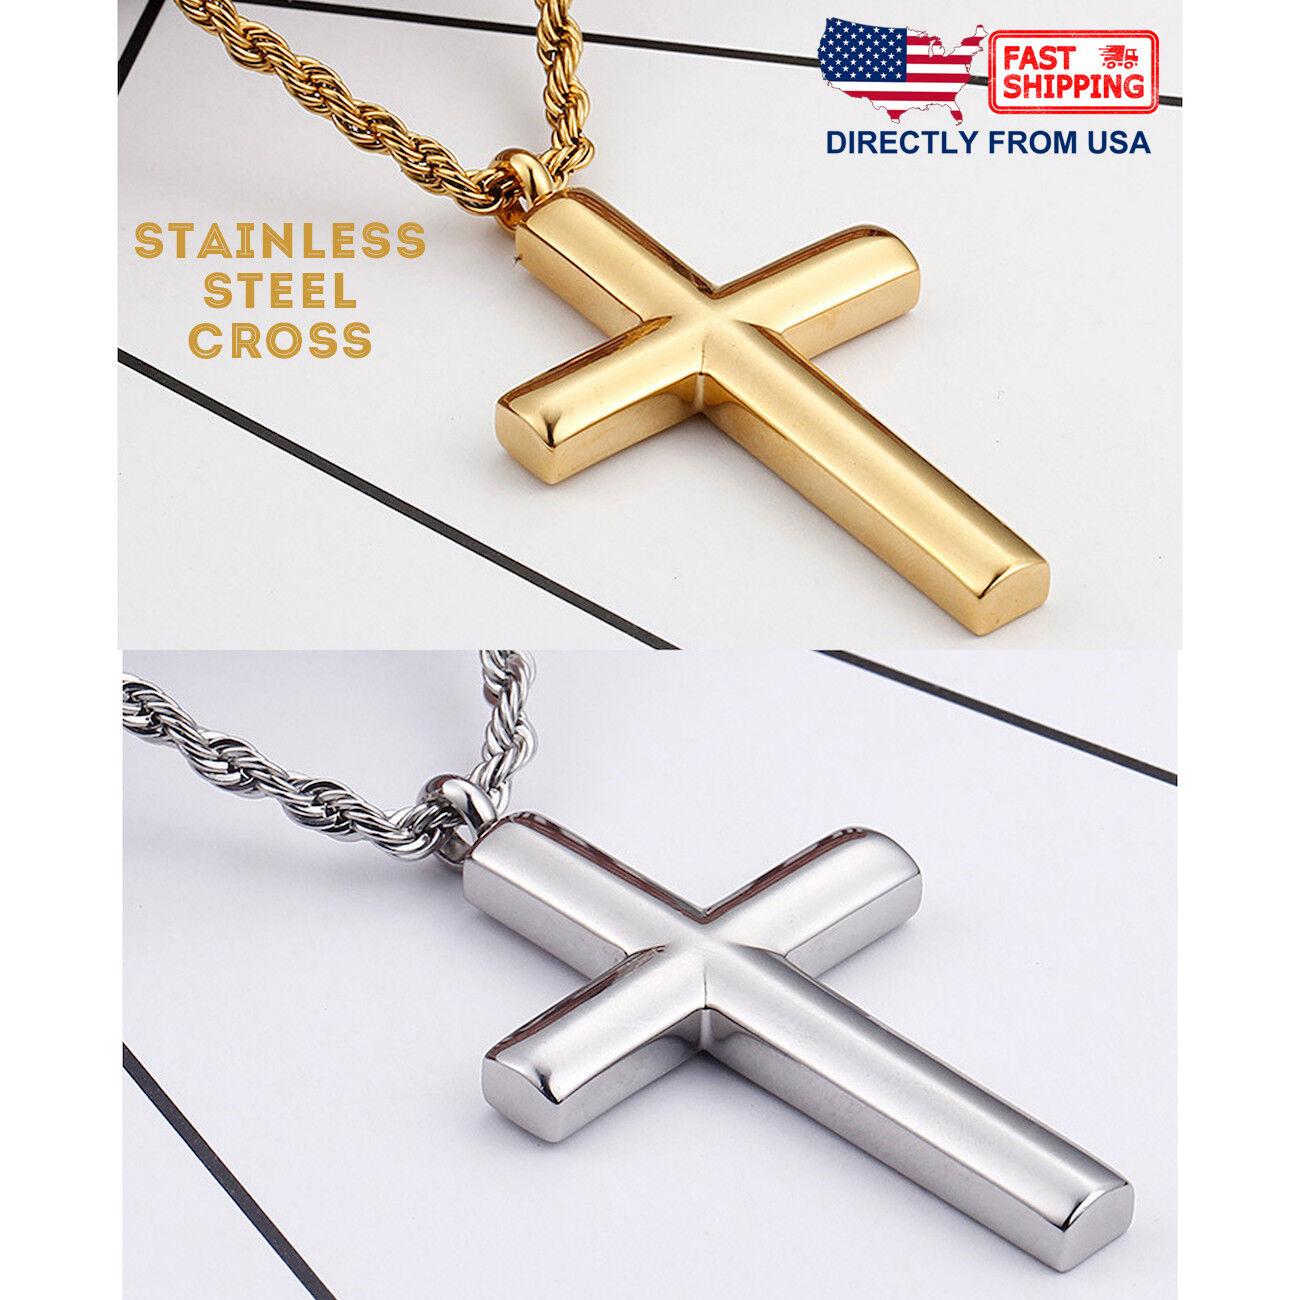 Men's Stainless Steel Western Plain Cross Pendant Necklace Chains, Necklaces & Pendants